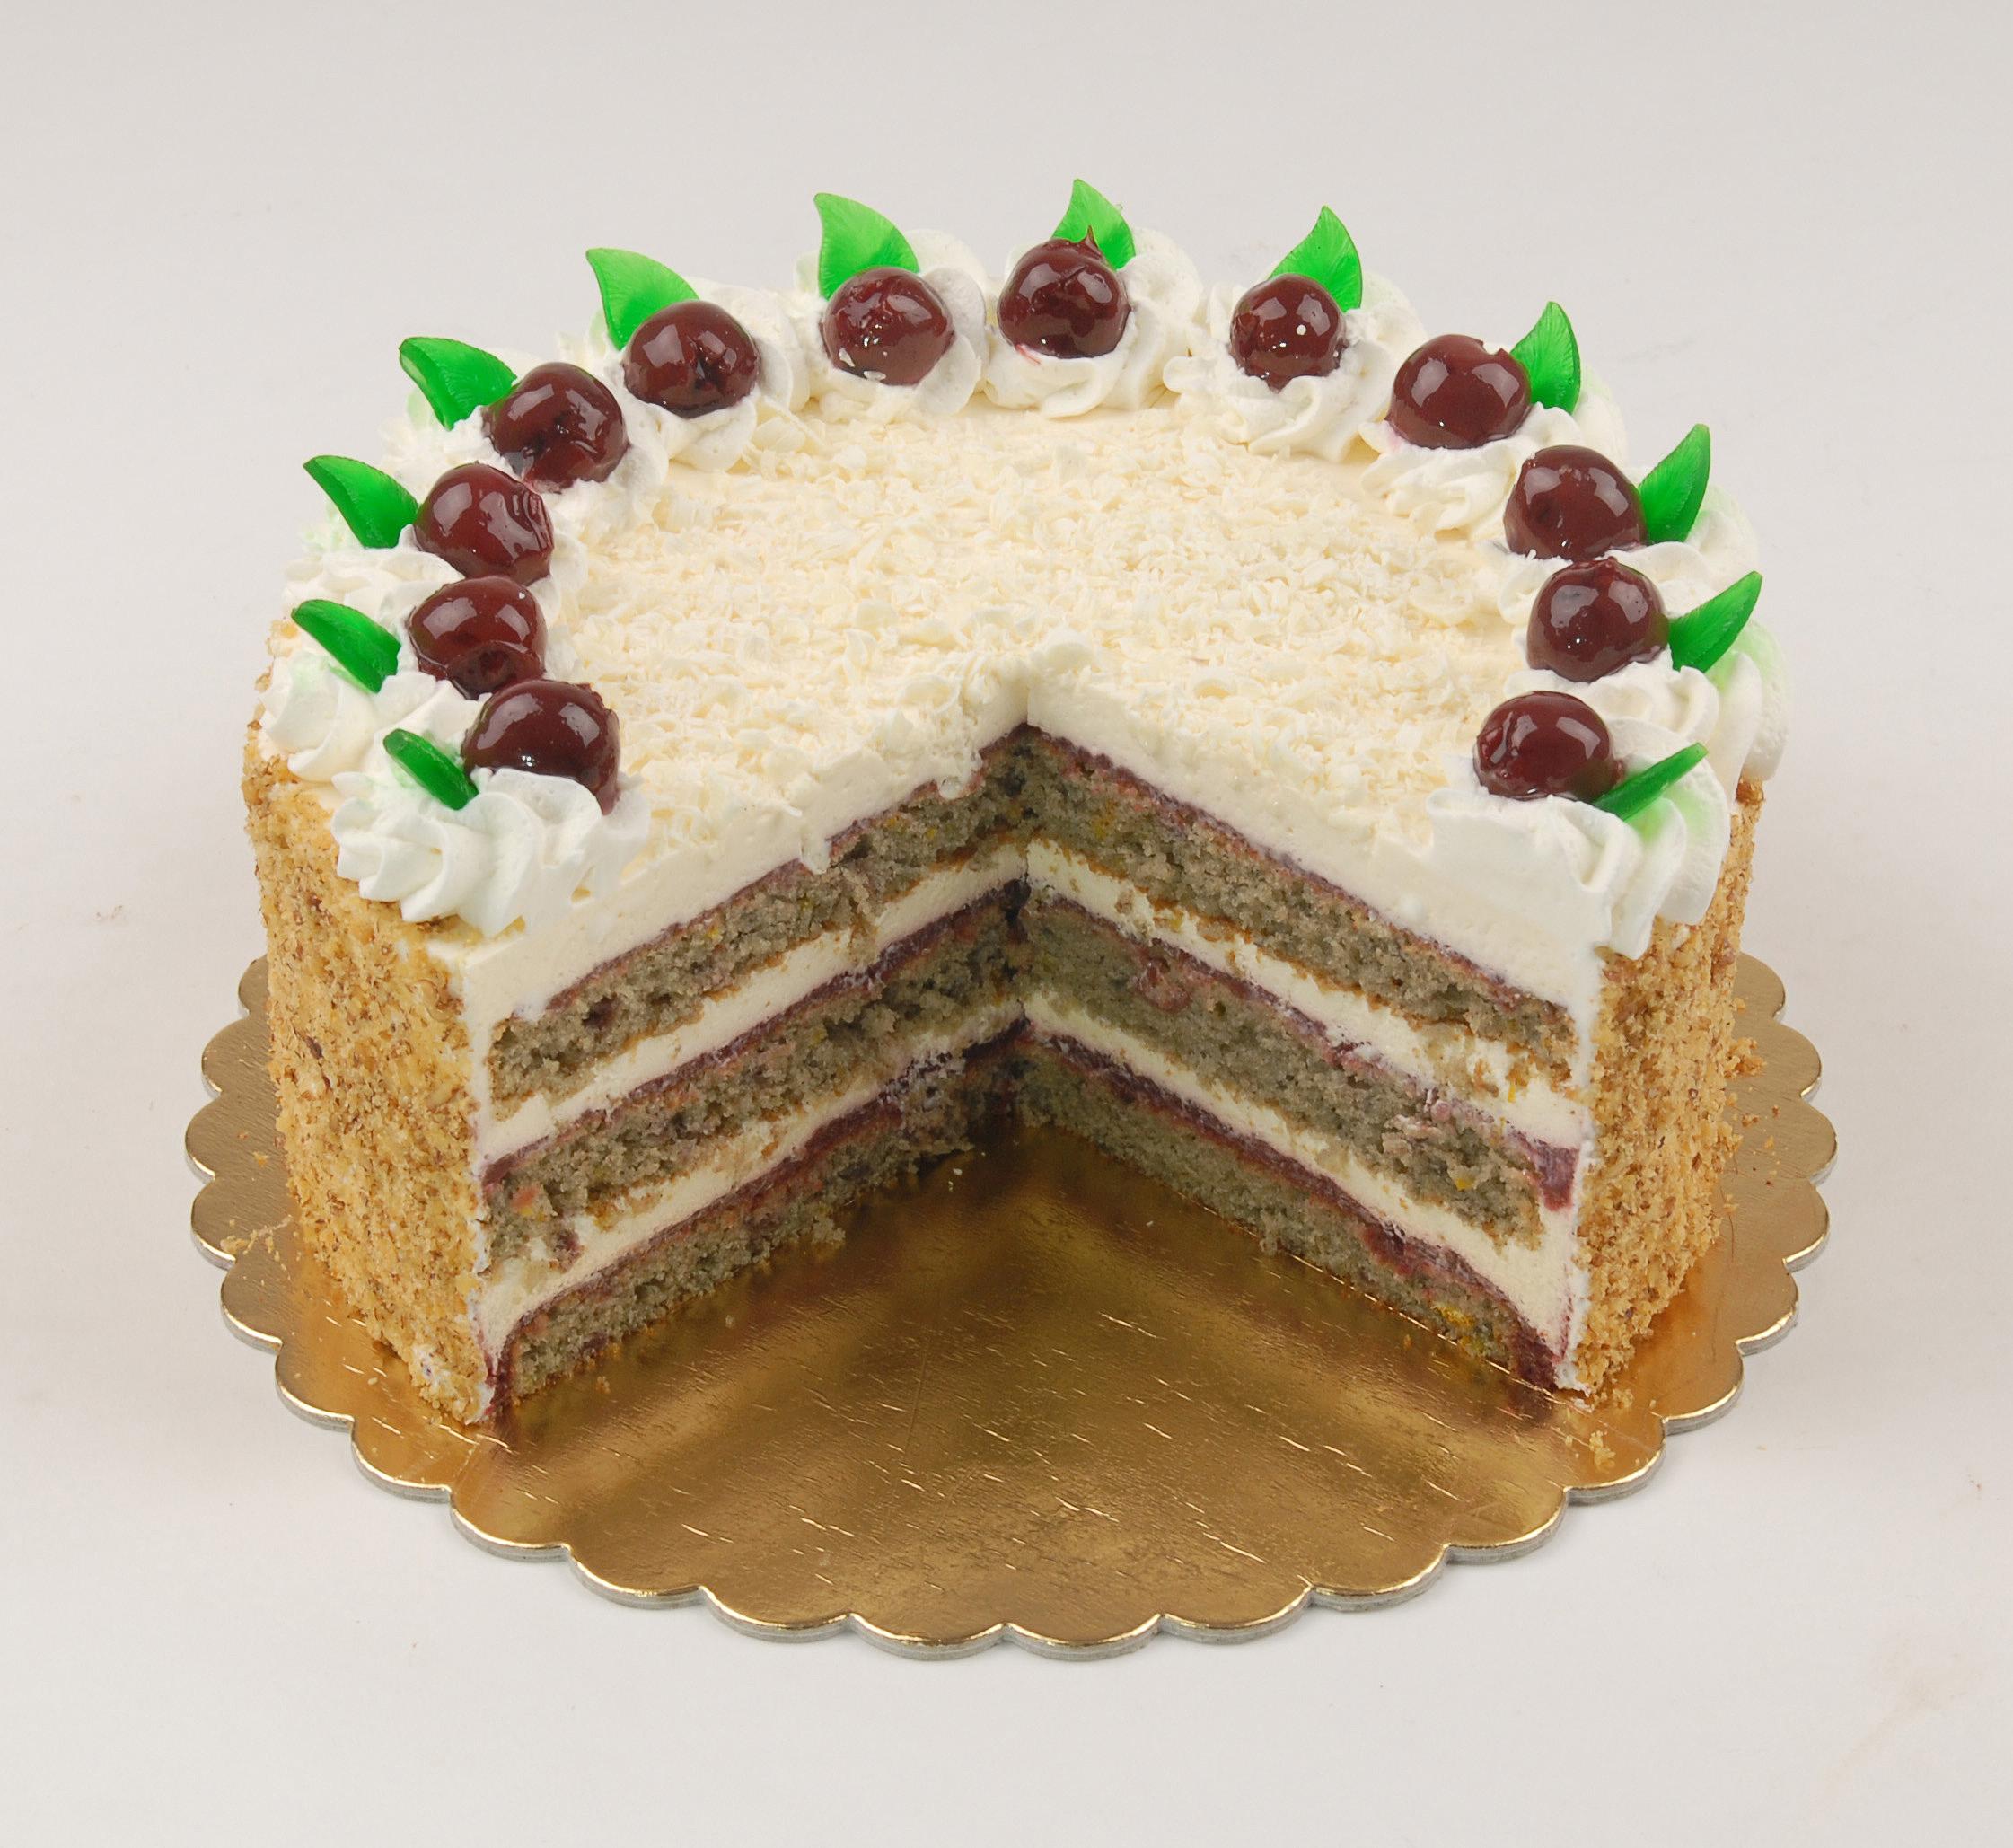 Pándi meggy torta